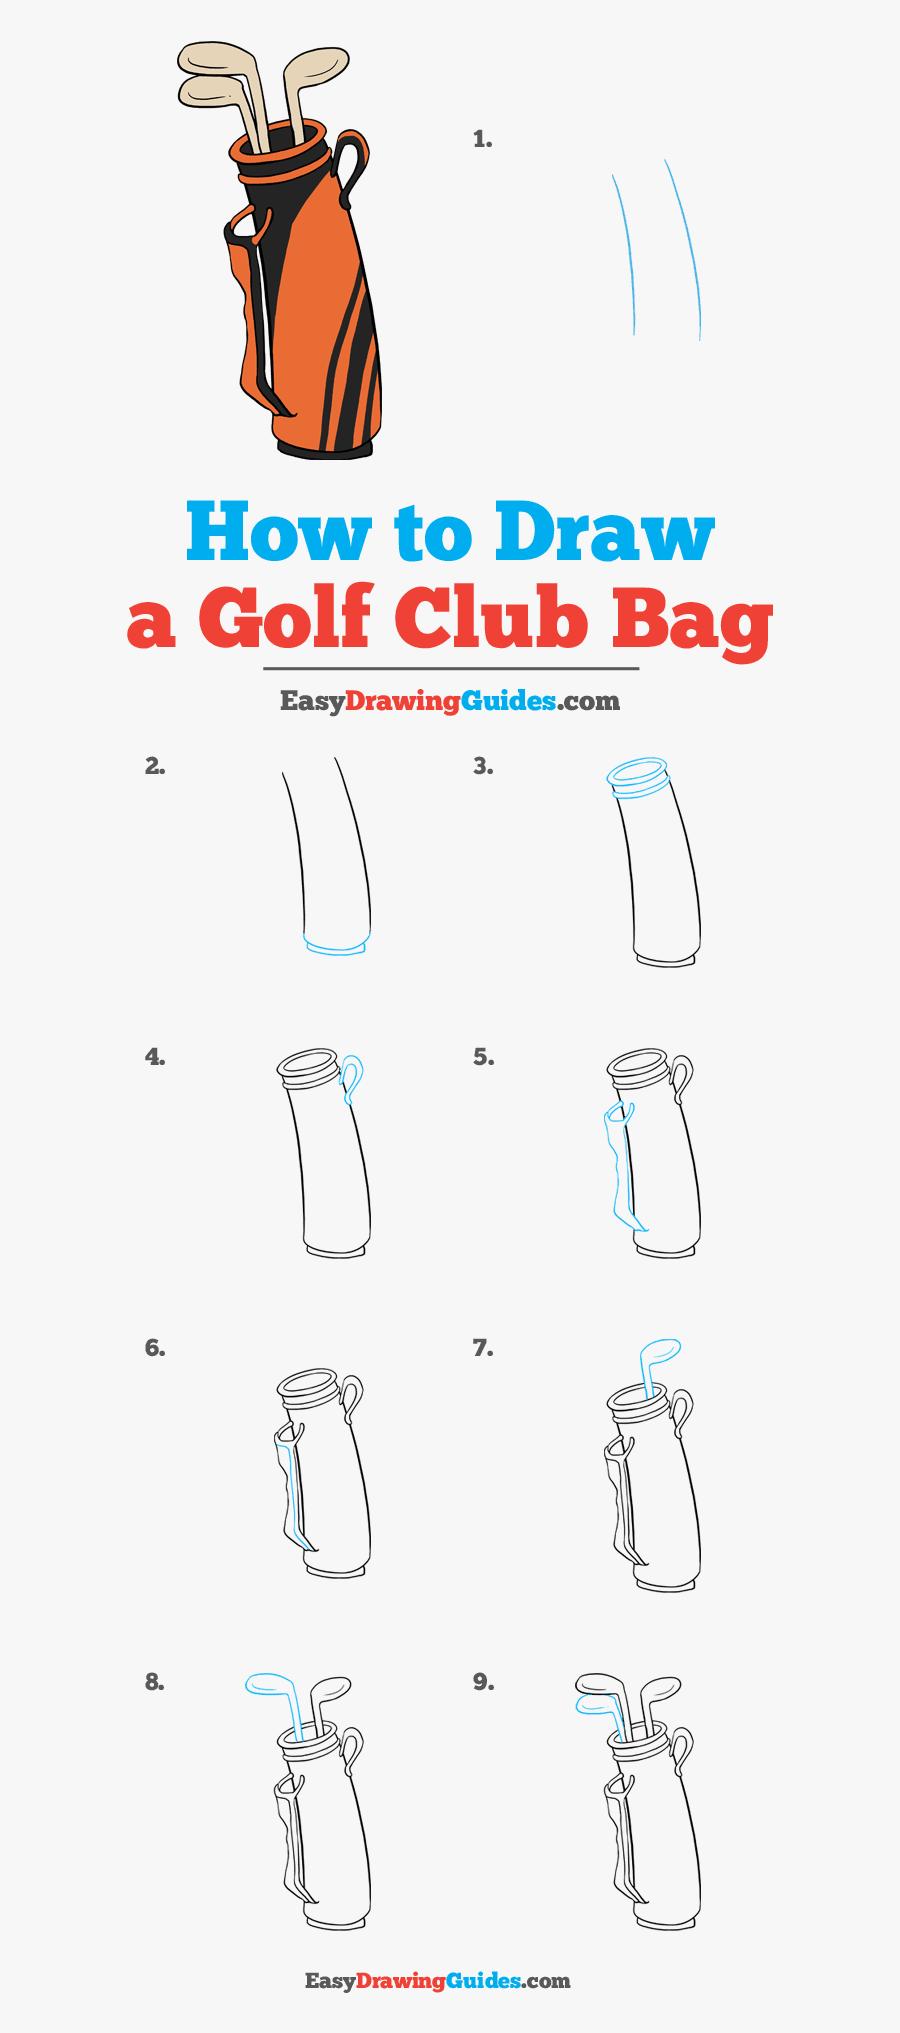 How To Draw A Golf Club Bag - Draw A Golf Bag Easy, Transparent Clipart